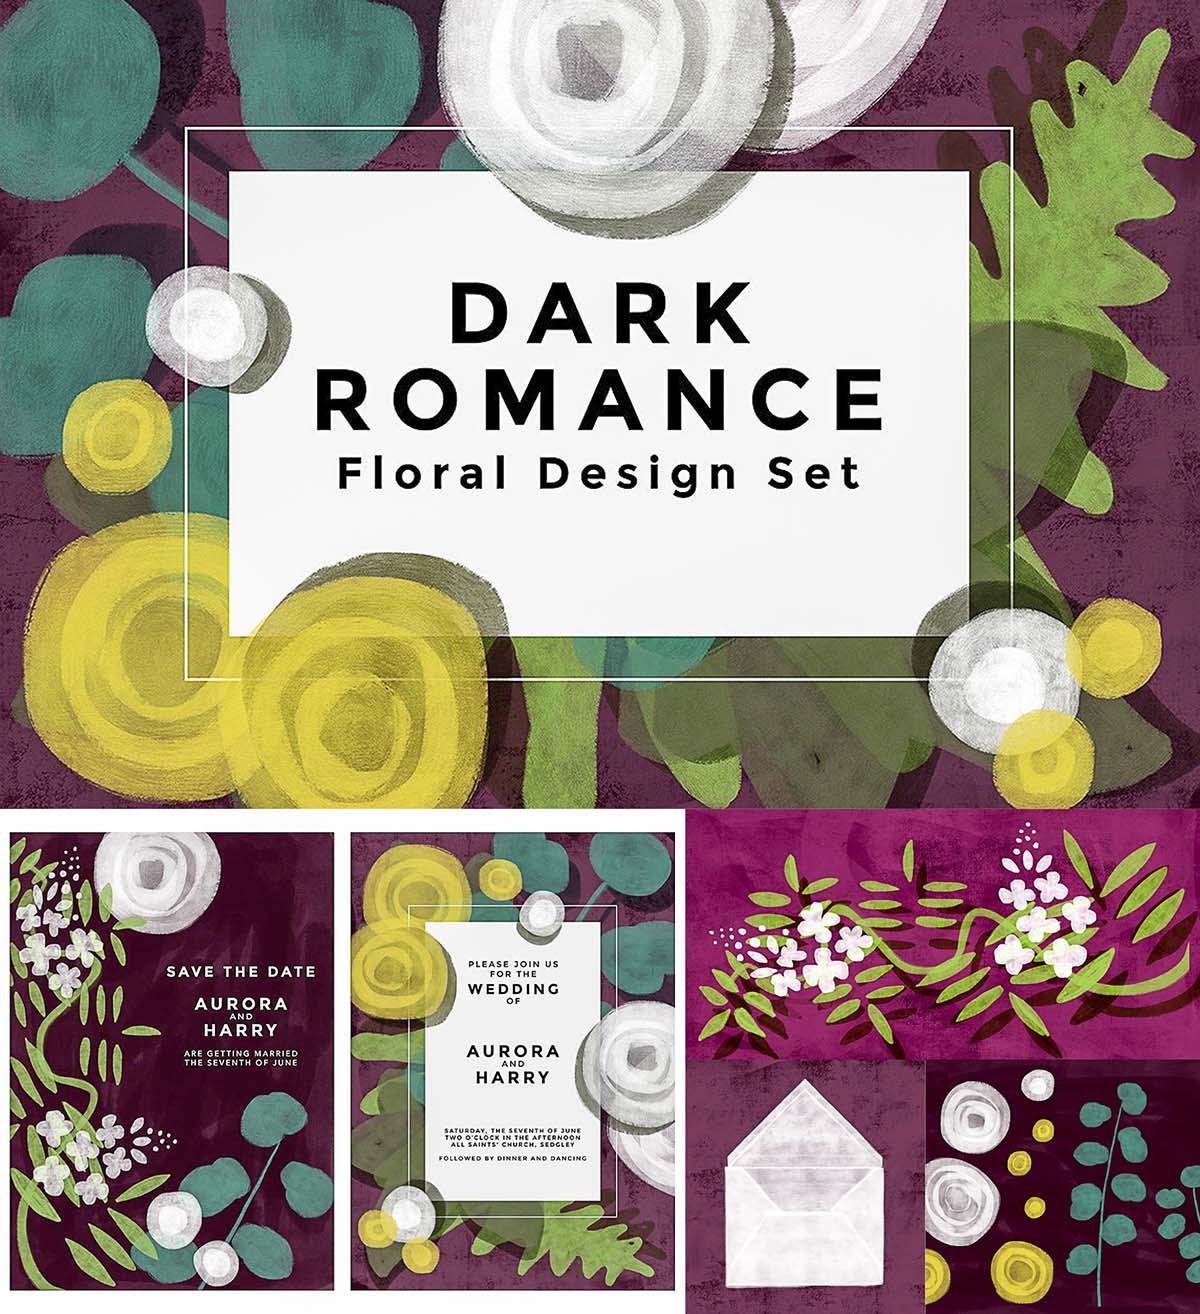 Dark romance textured floral set